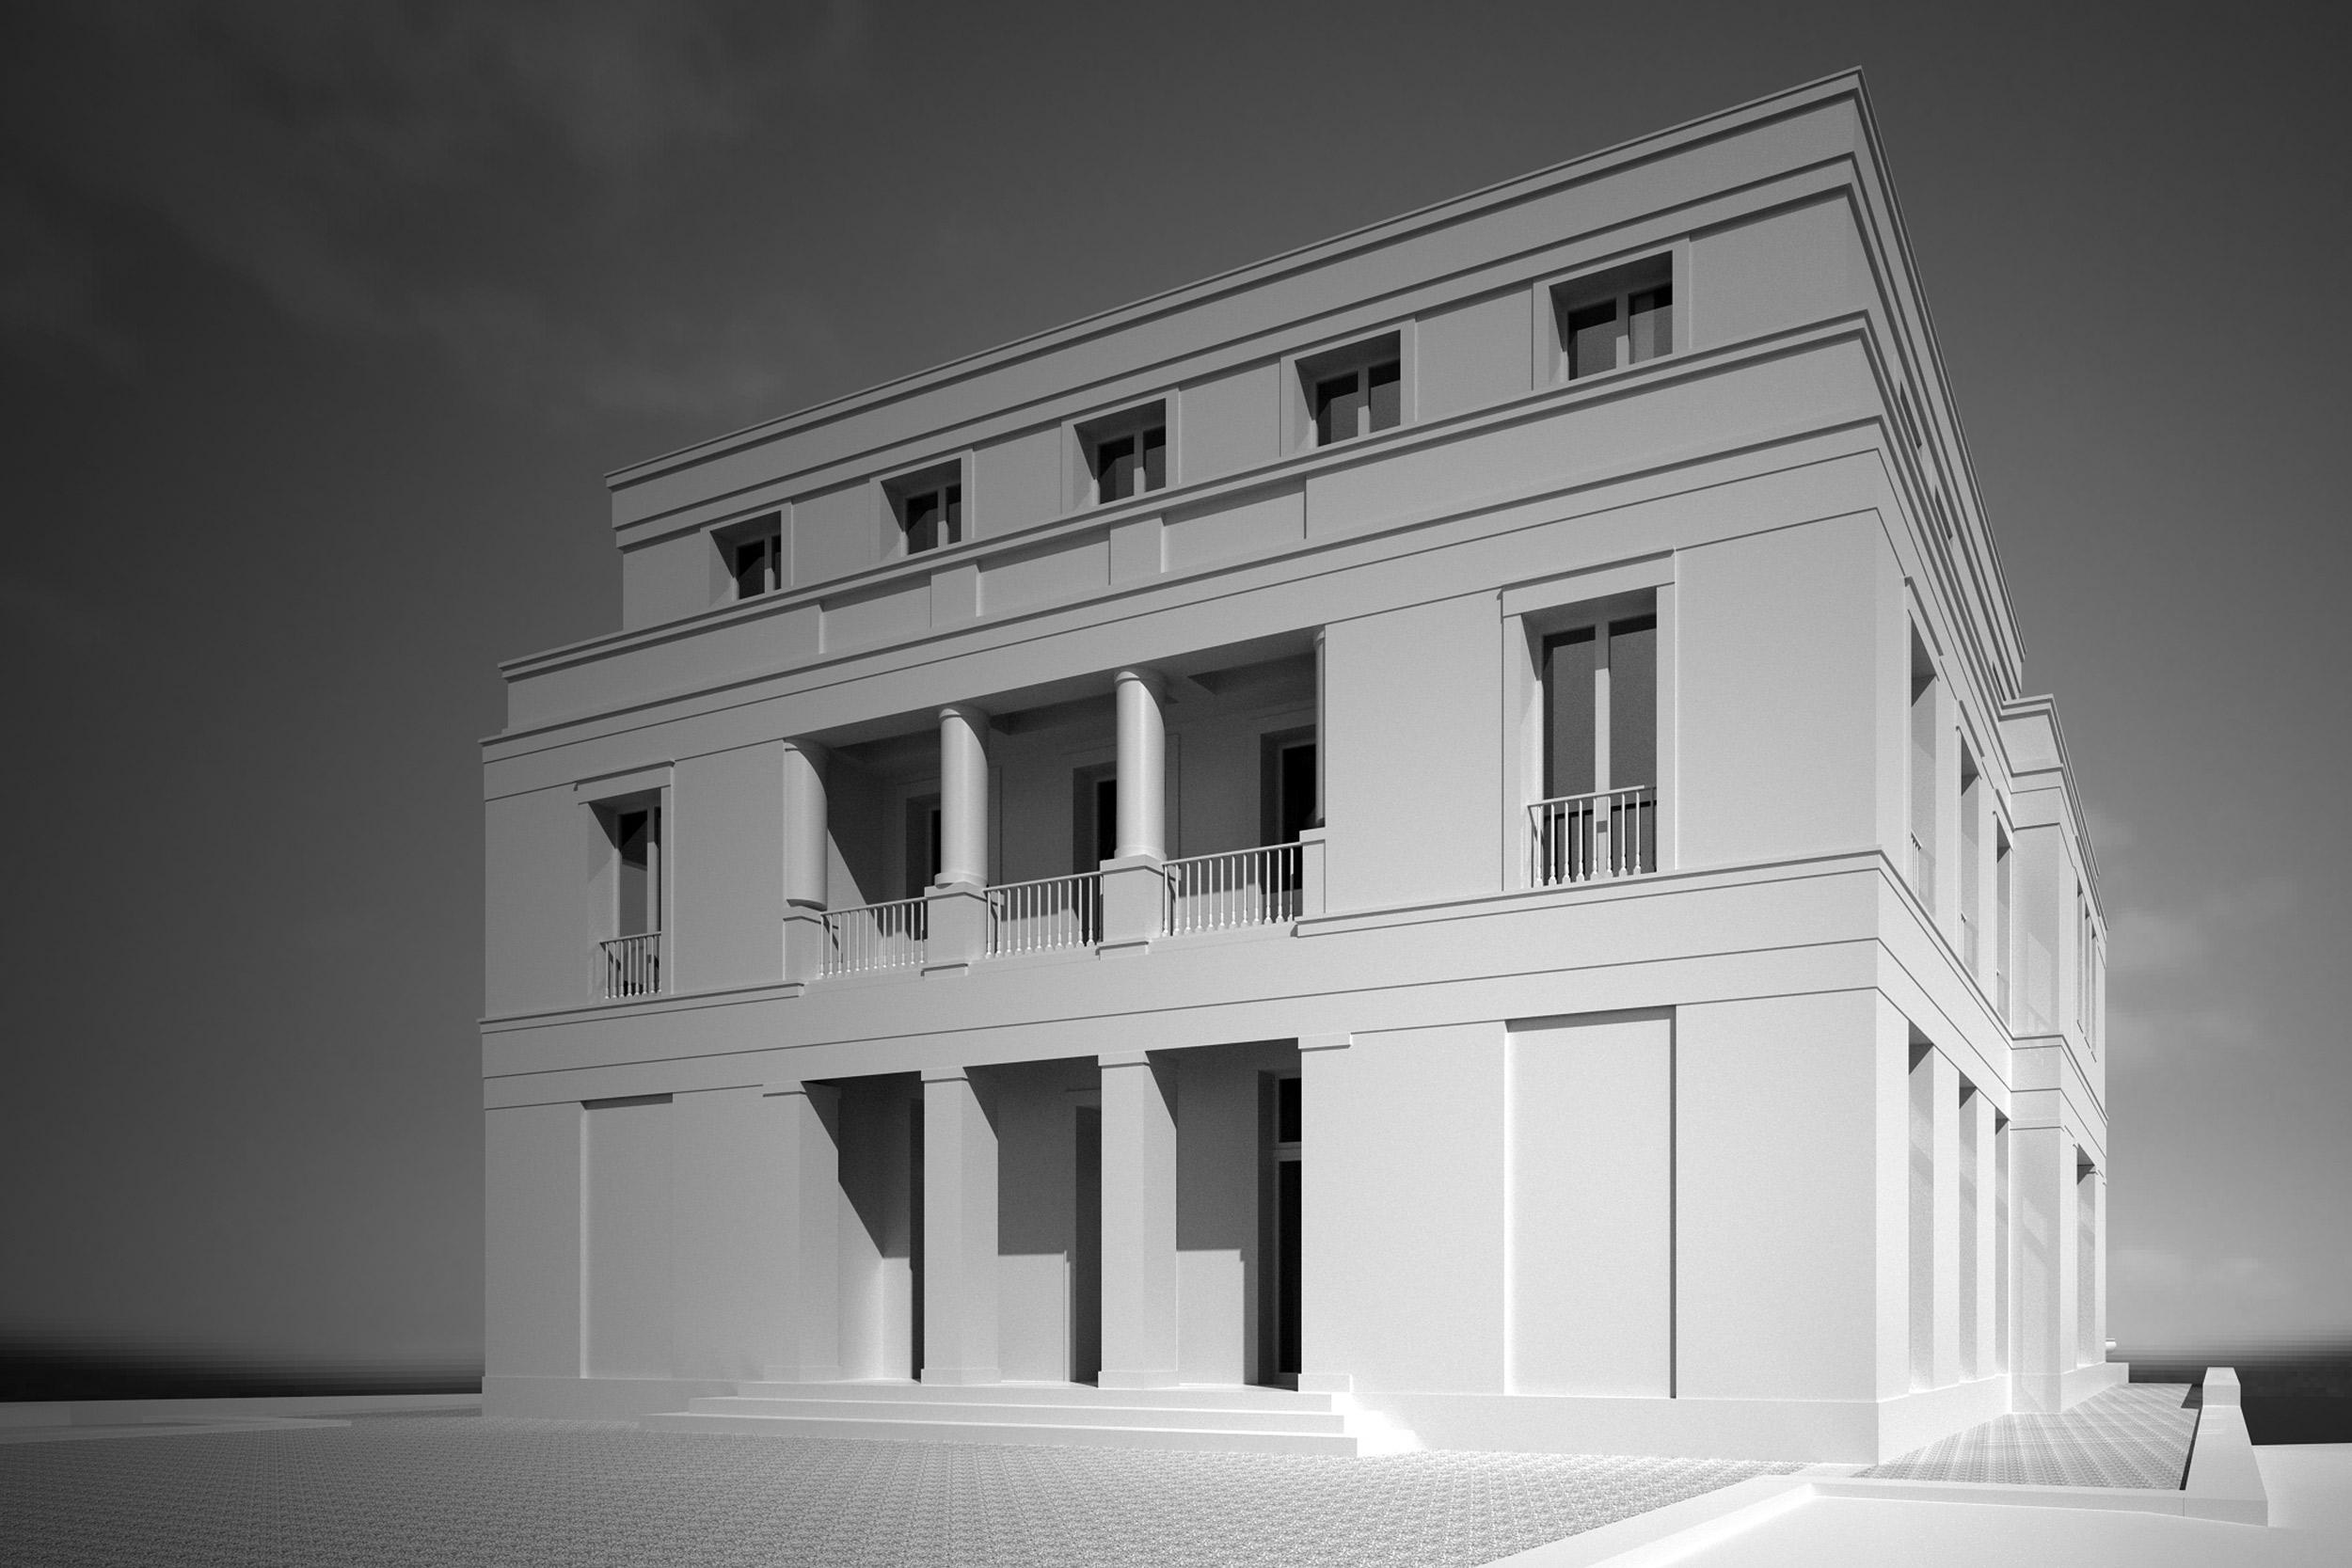 Säulen und Balkone des Eingangs wirken wie bei einem Haus im Altbaustil